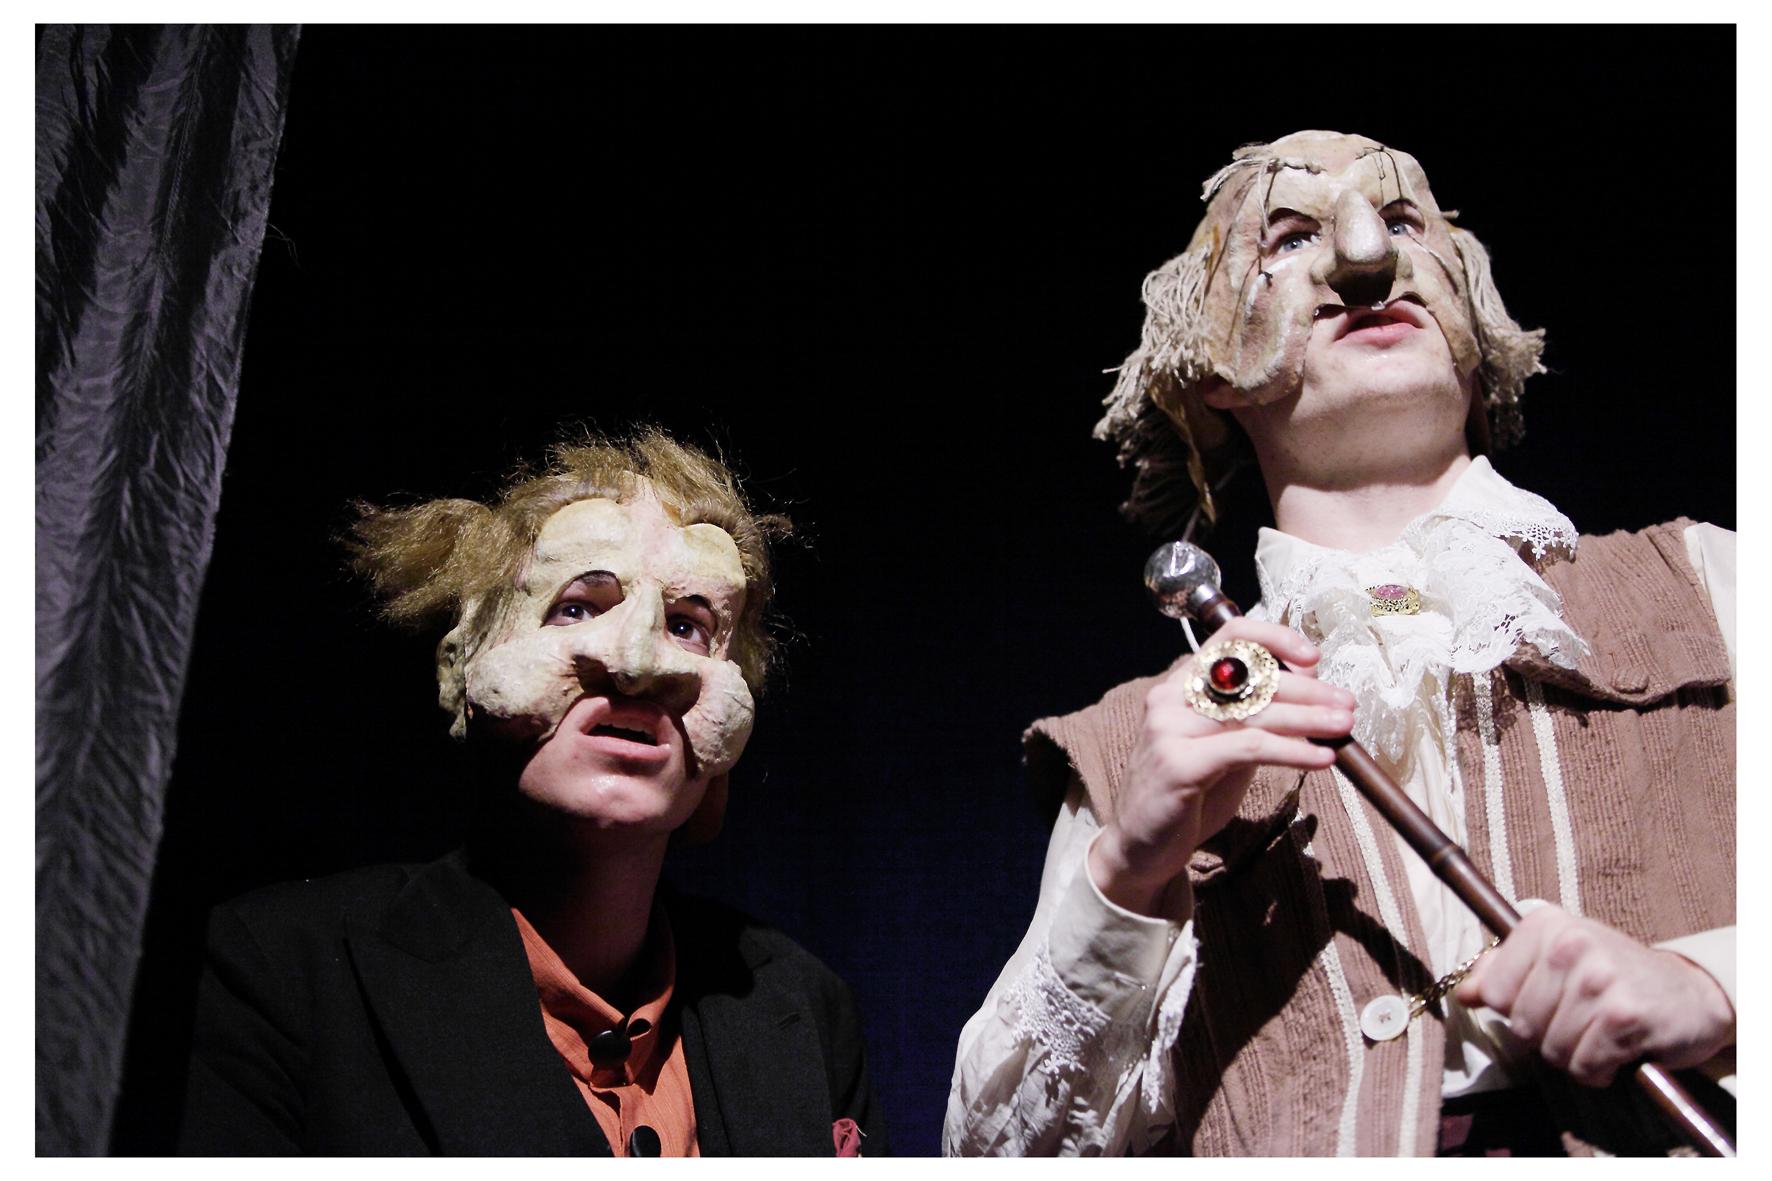 festival_des_granges_2012_´ú®_sylvain_chabloz_274